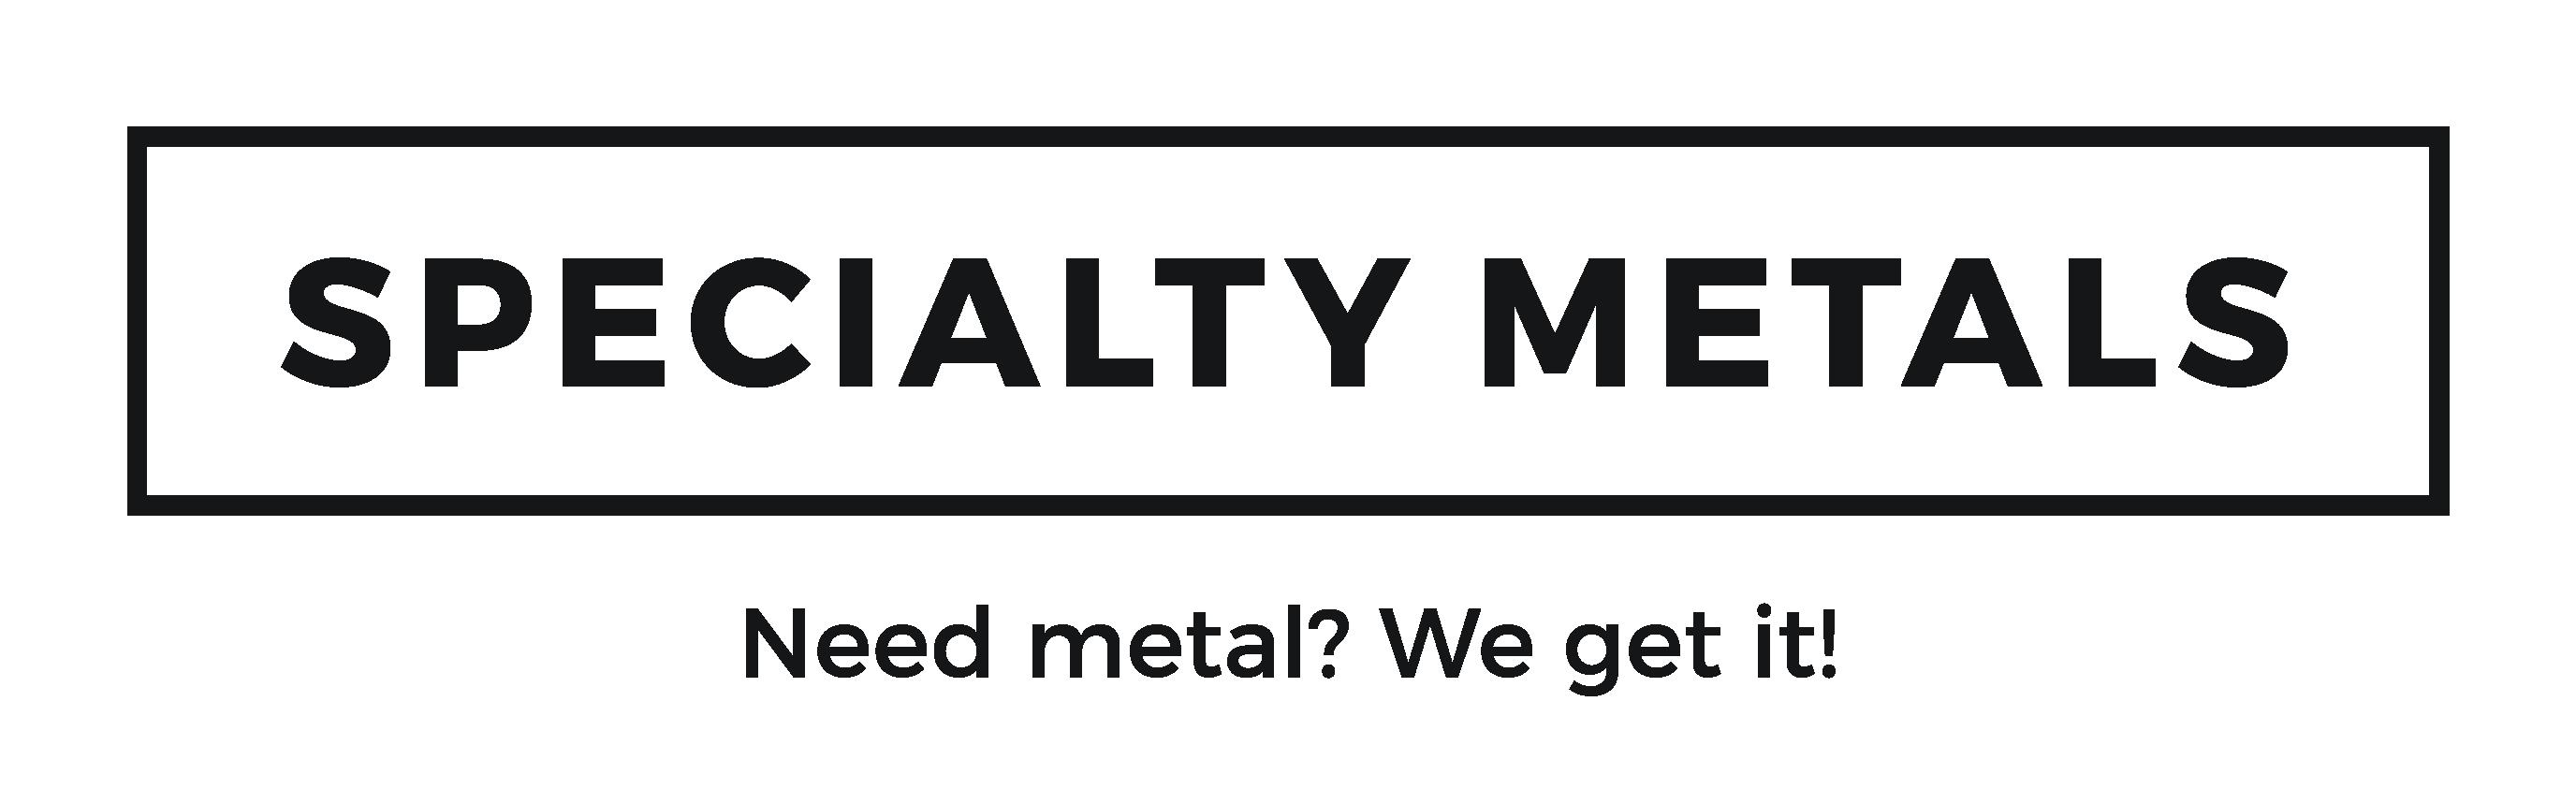 Specialty Metals logo